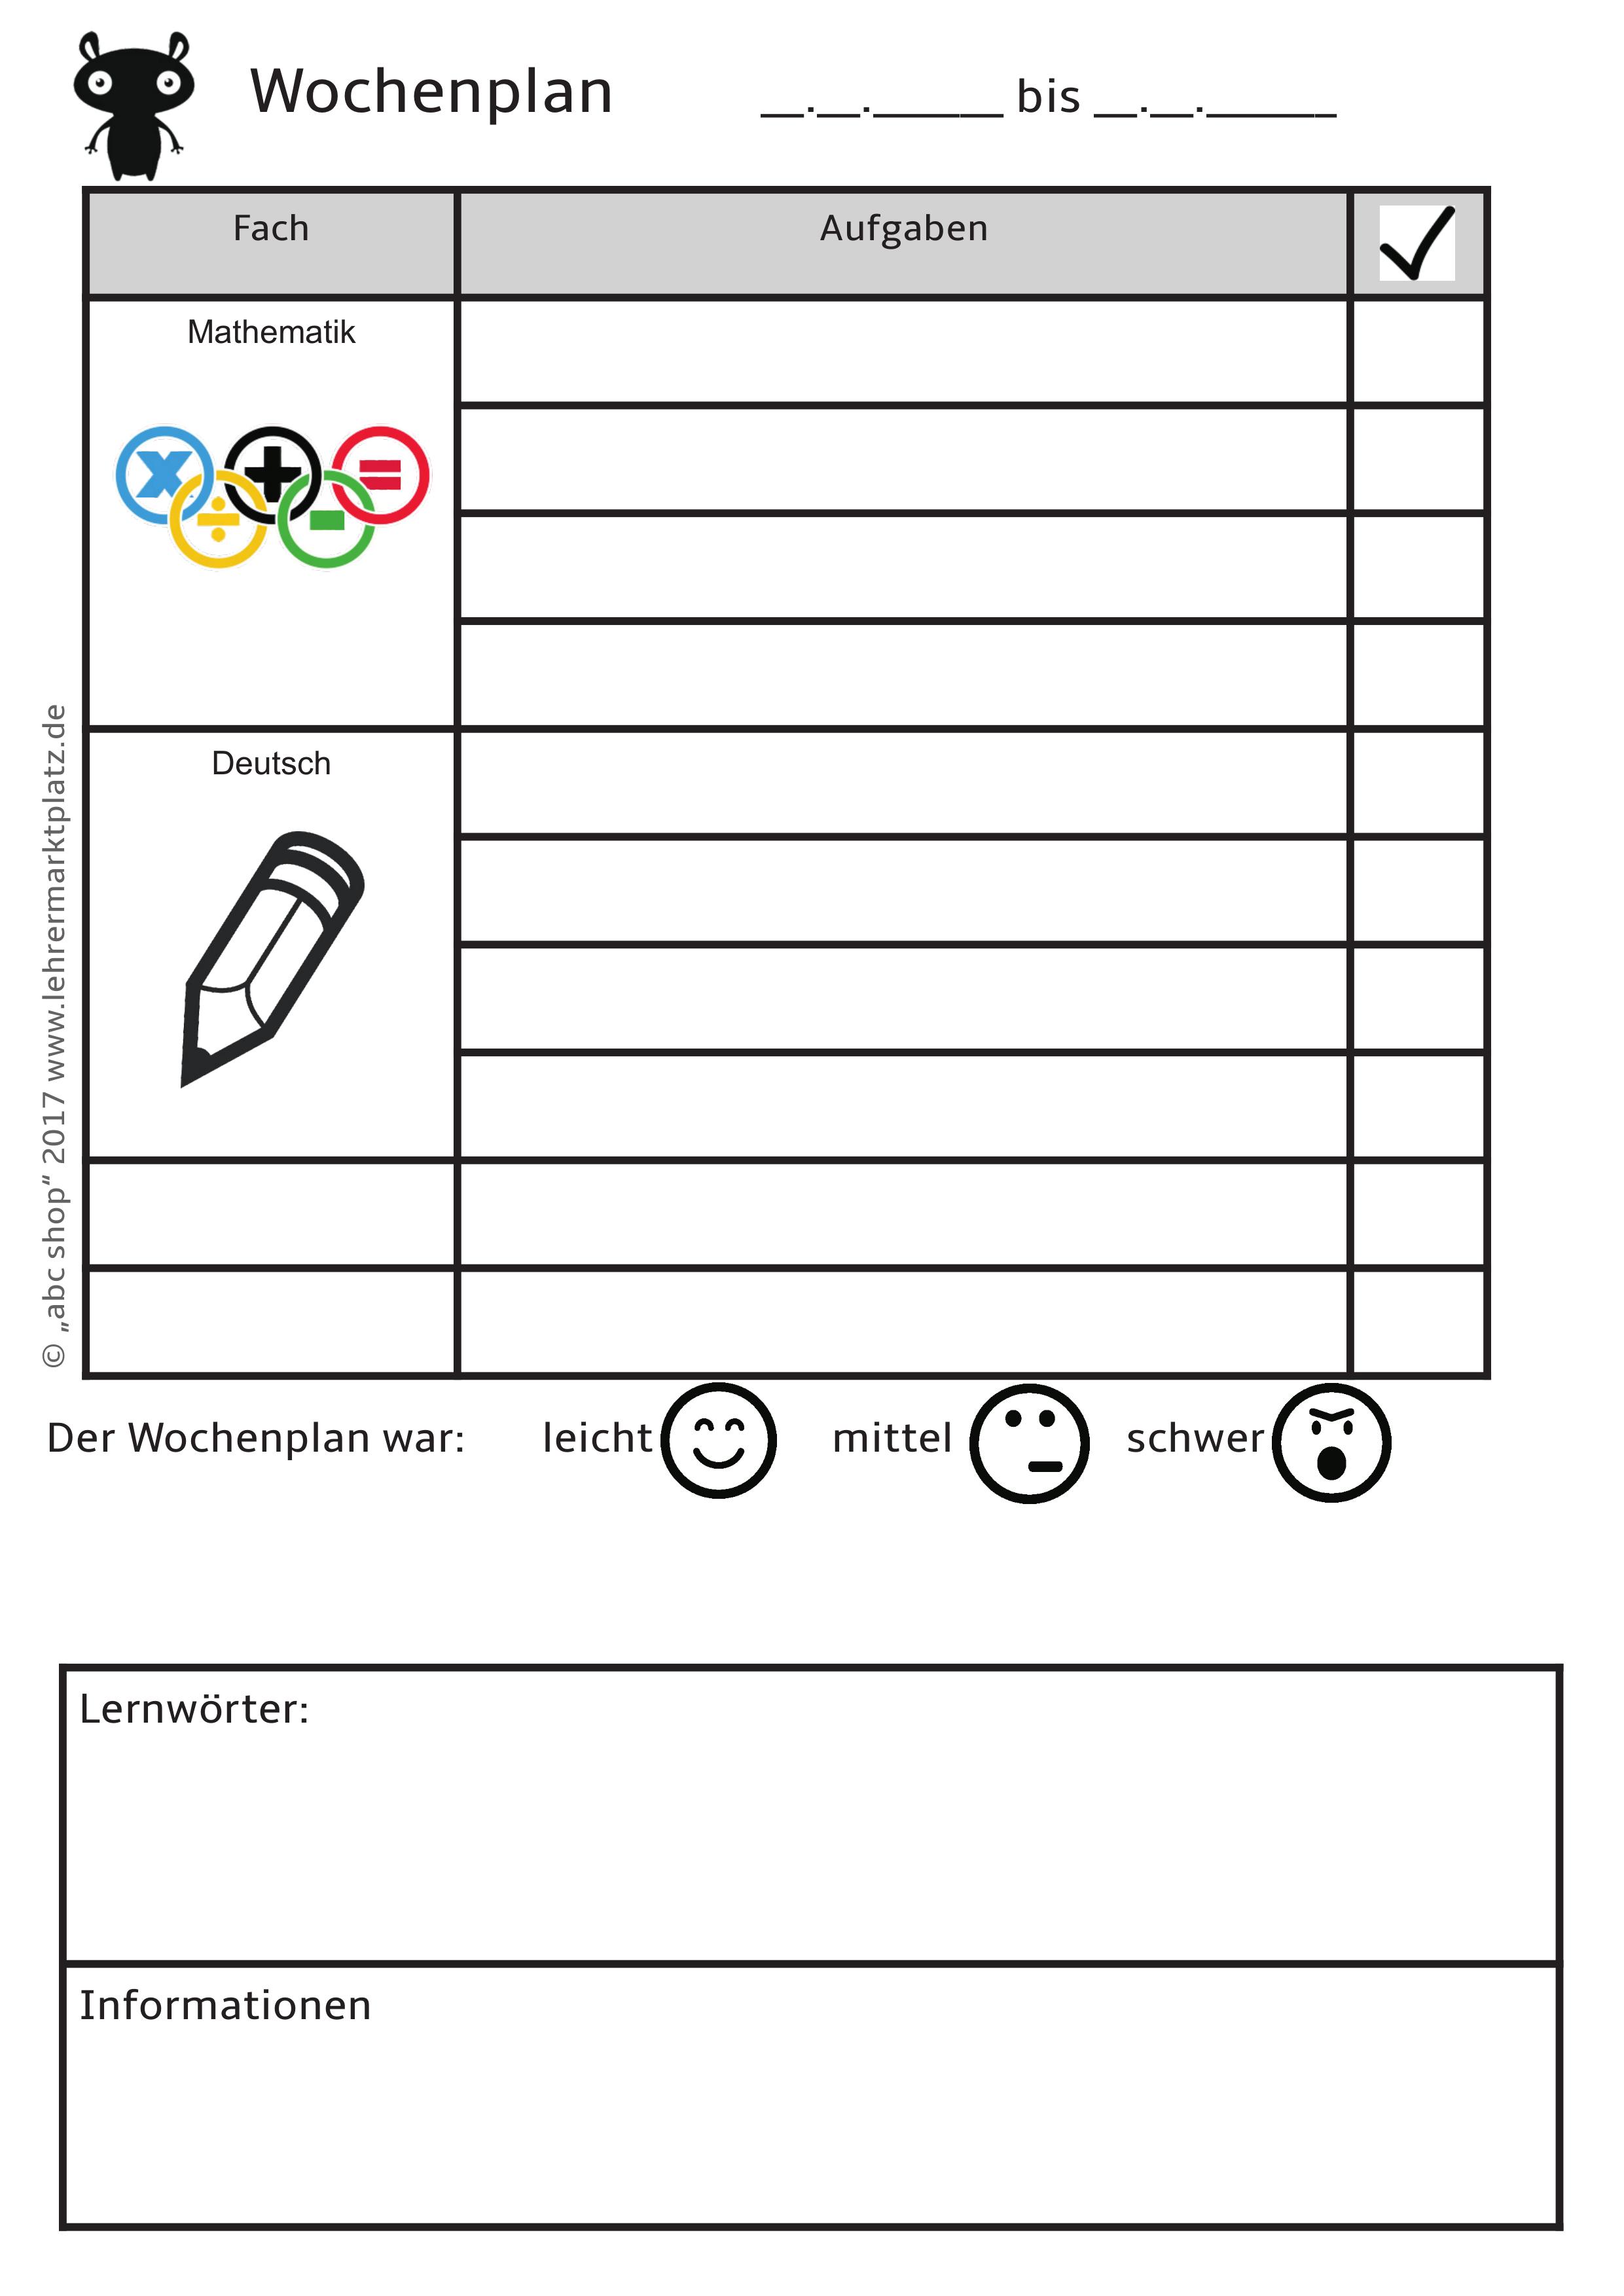 Vorlagen Zu Wochenplan Lernzeit Reflexion Forderplan Hausaufgaben Unterrichtsmaterial Im Fach Fachubergreifendes Wochenplan Vorlage Hausaufgaben Planer Wochen Planer